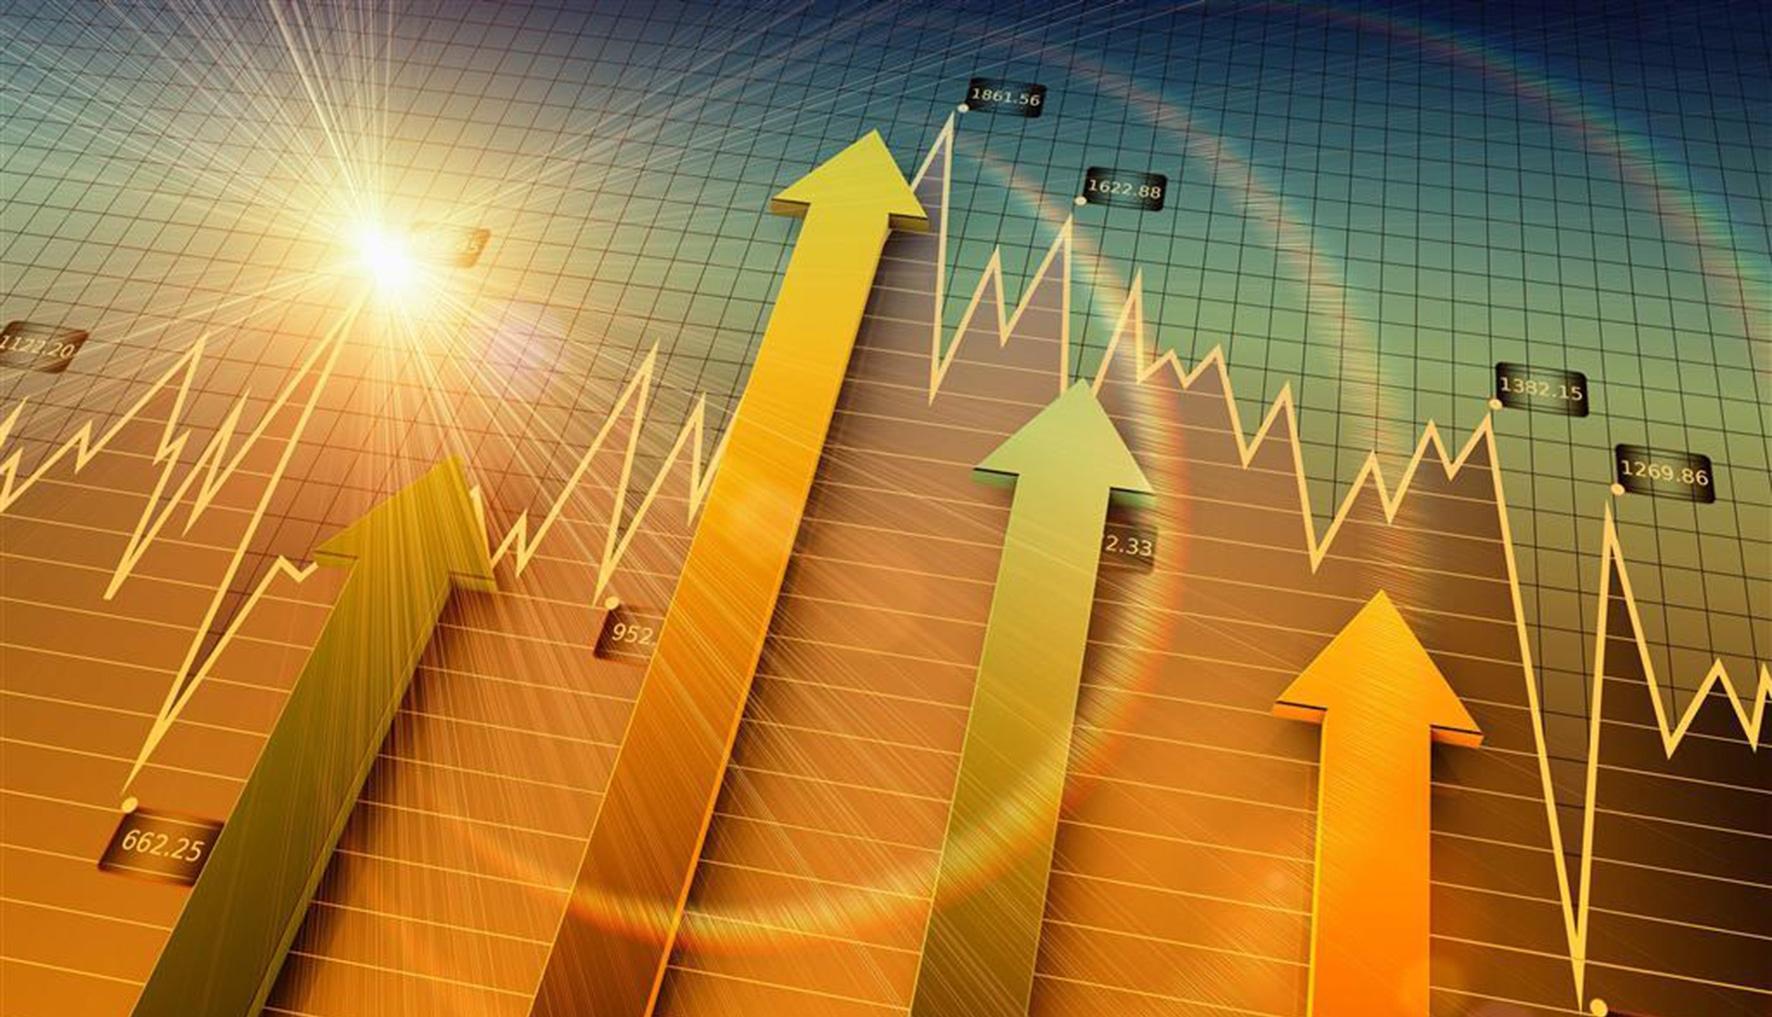 地产股现分化 龙头仍受基金青睐